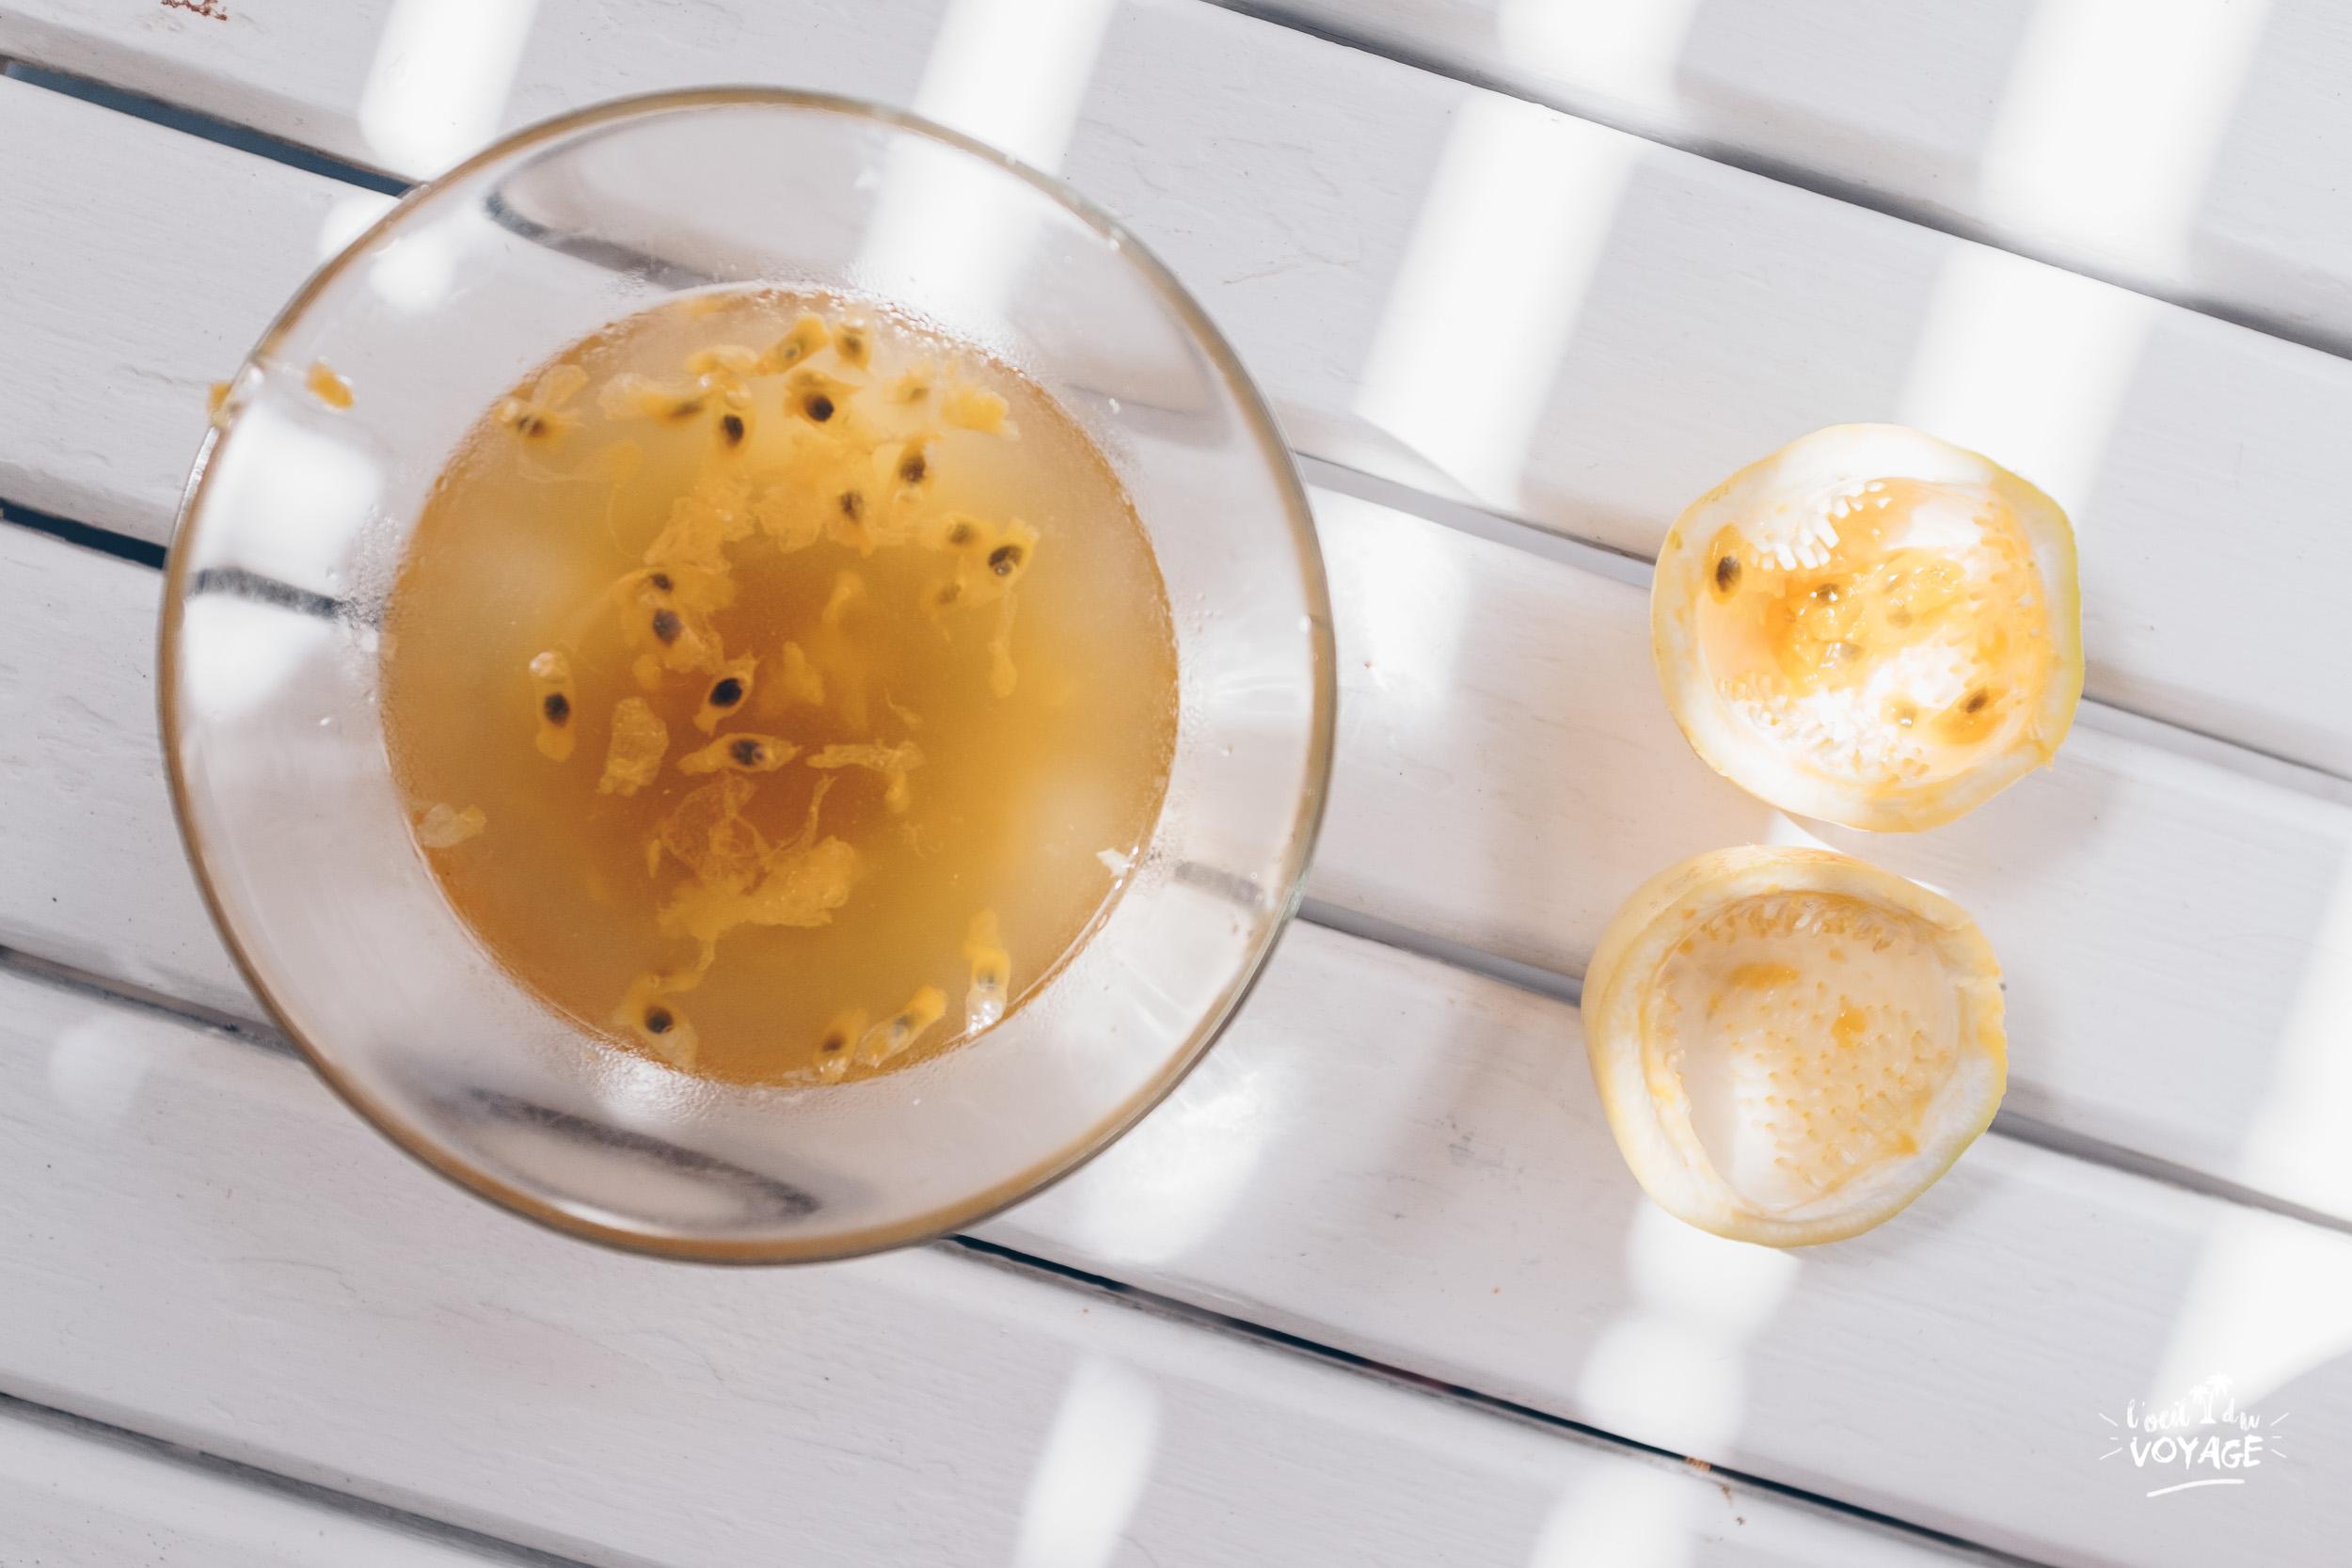 jus de fruits frais maison de maracuja du jardin, par L'oeil du Voyage, vlog martinique